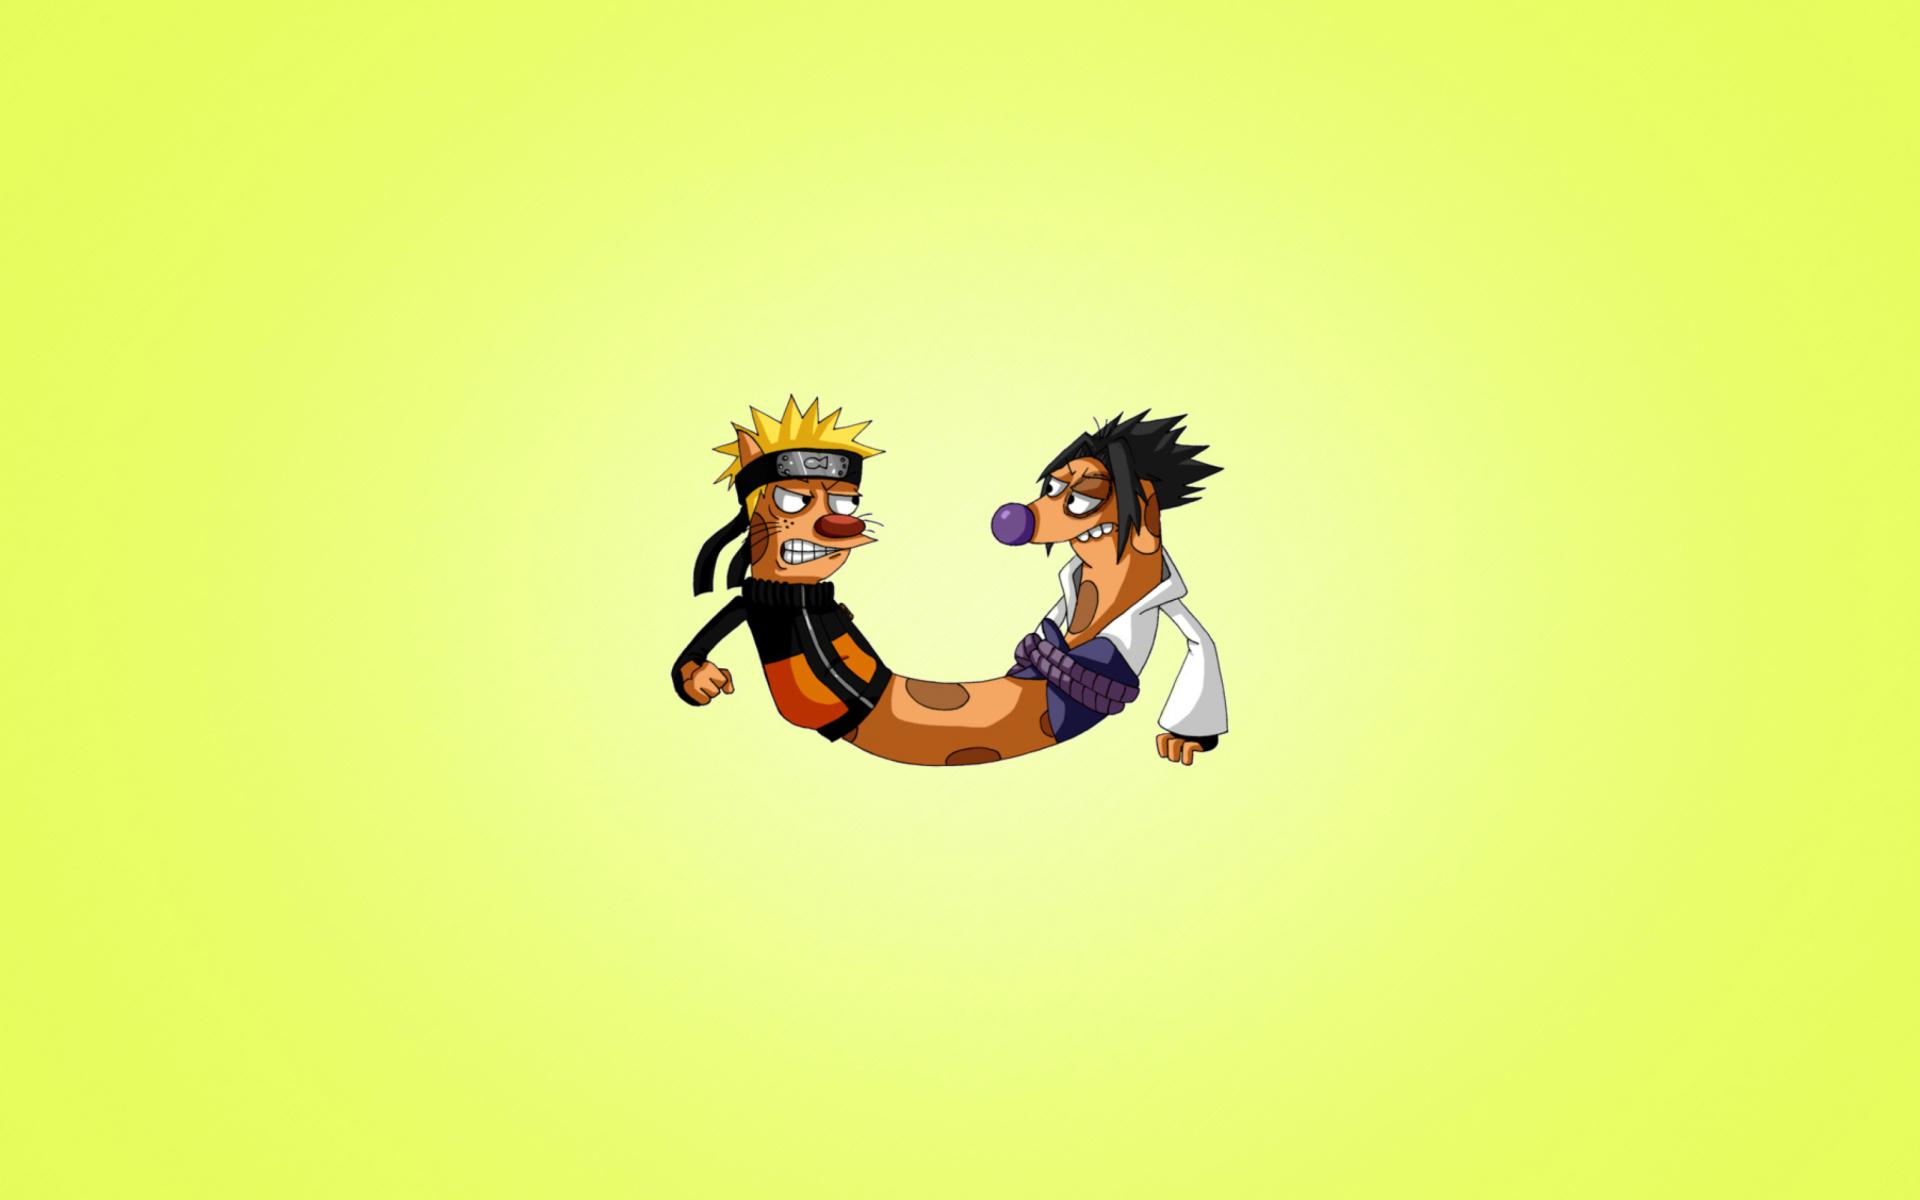 Catdog Naruto Fondos De Pantalla Gratis Para Widescreen Escritorio Pc 1920x1080 Full Hd